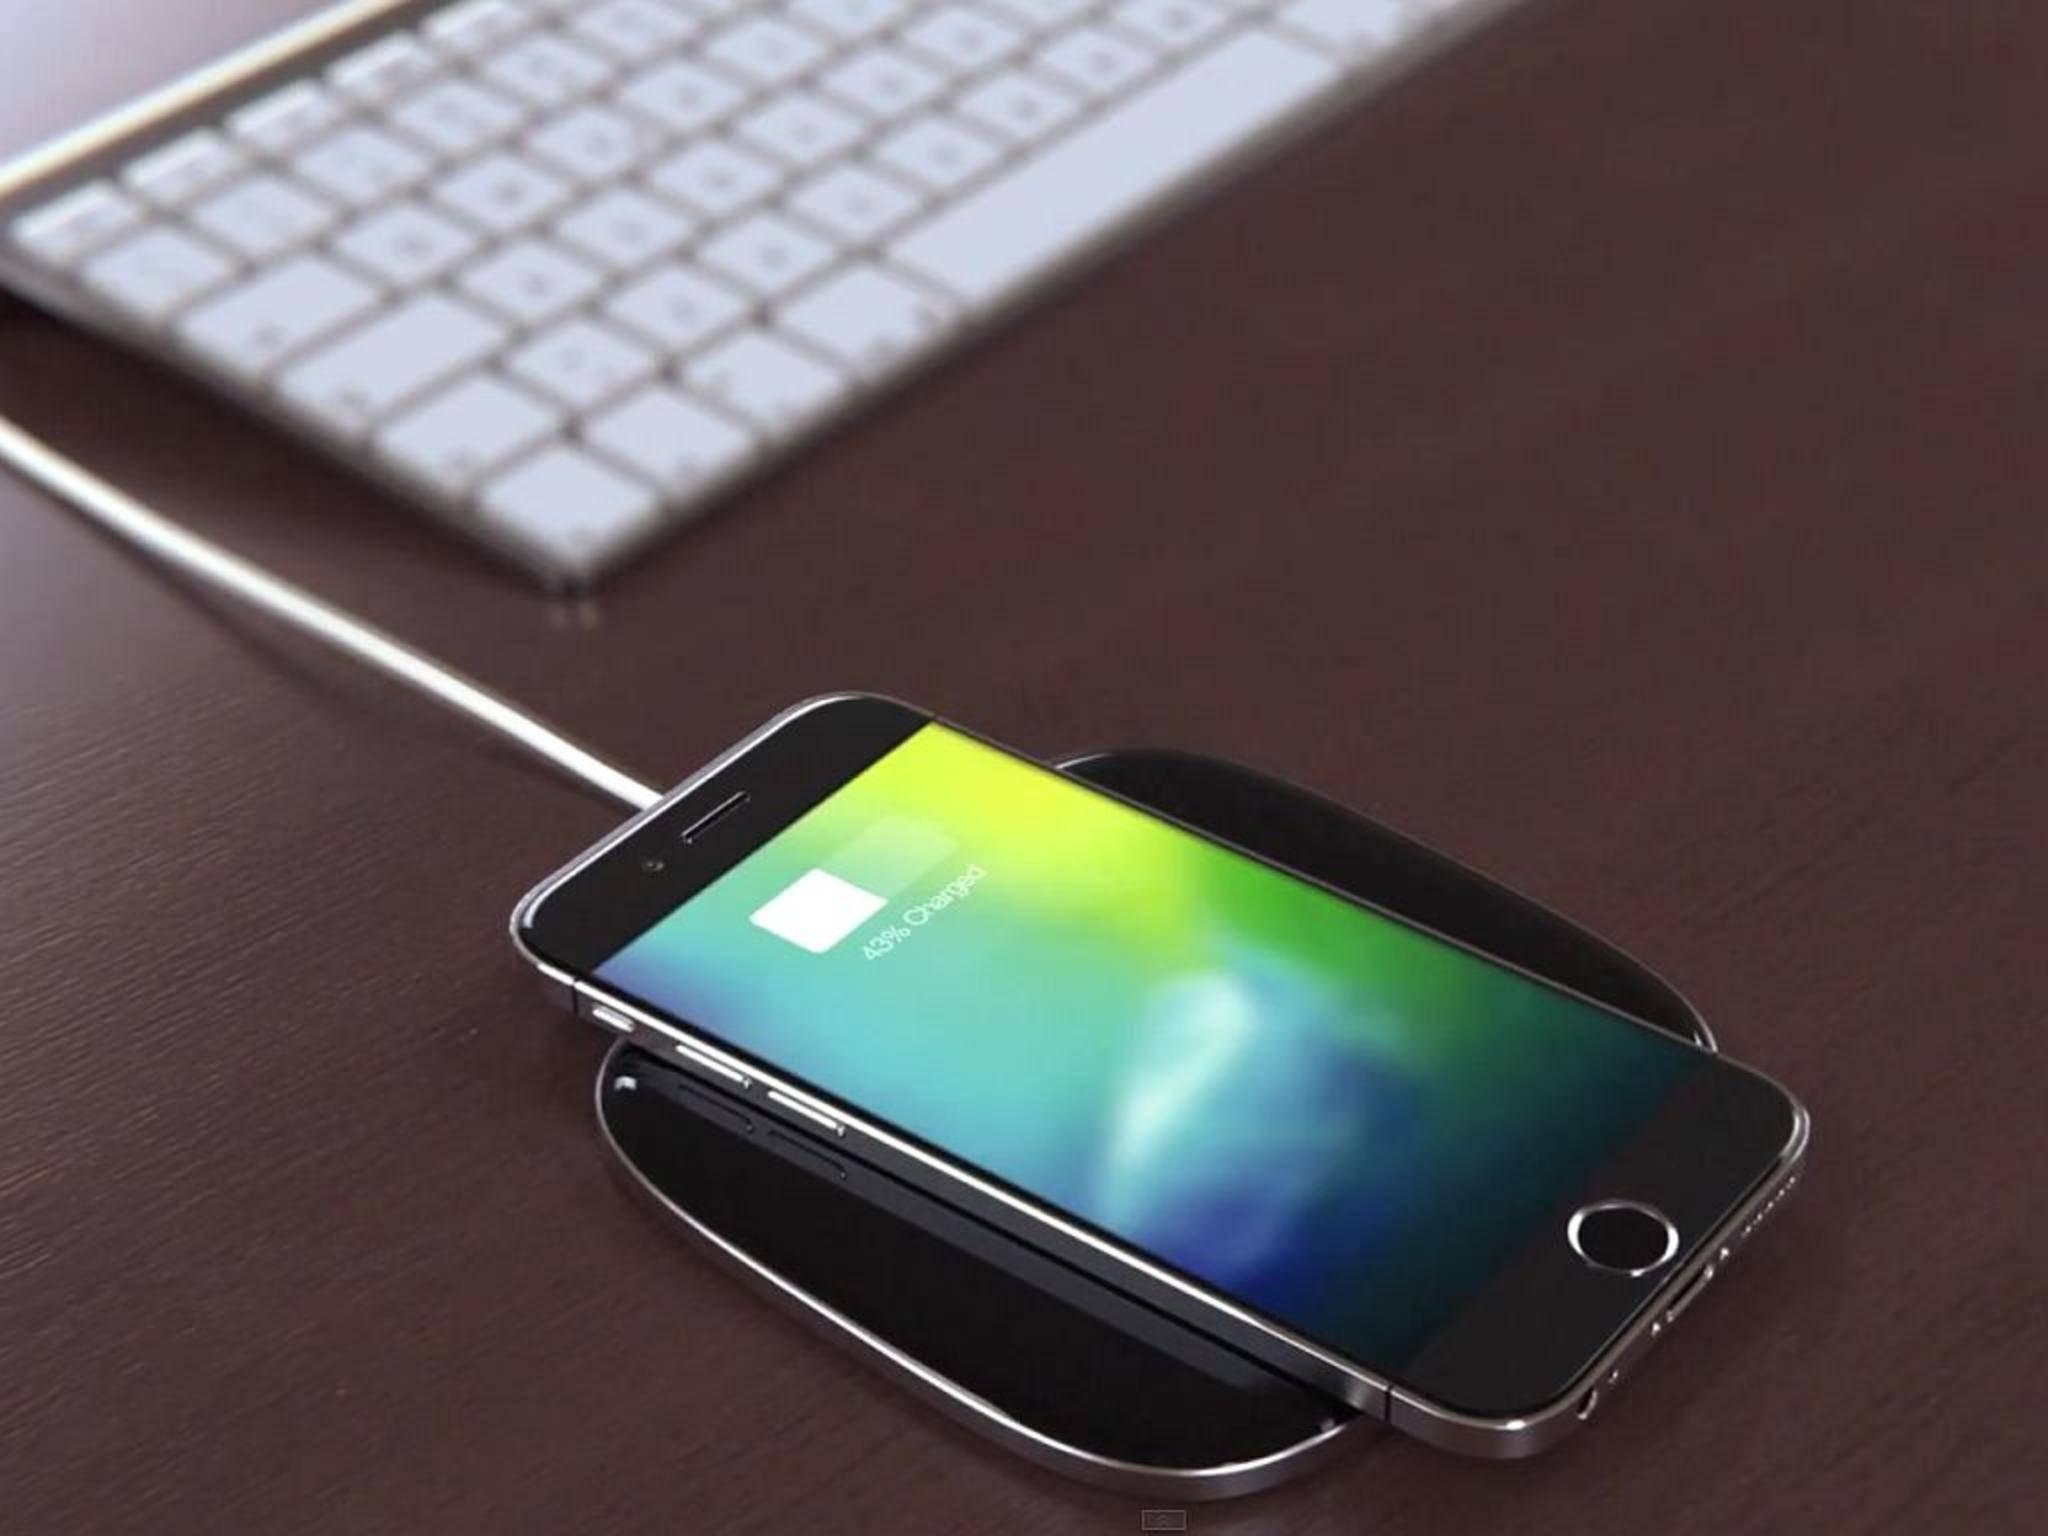 Werden iPhone 6s und iPhone 6s Plus einen kleinen Akku besitzen?